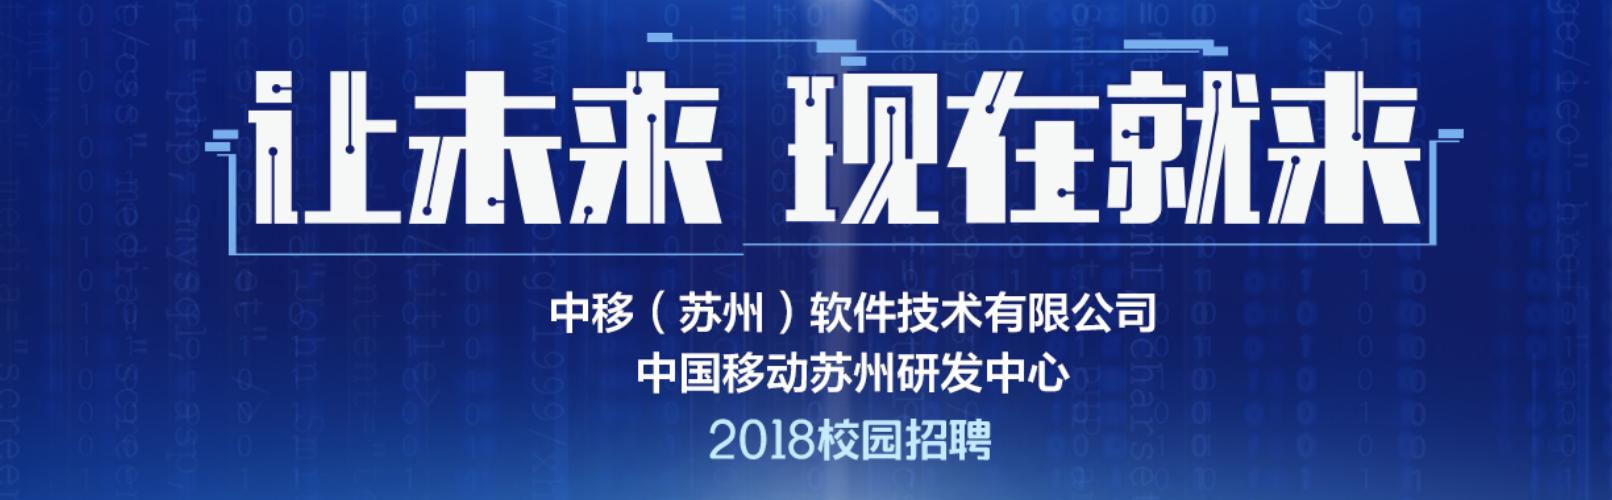 中国移动苏州研发中心2018校园招聘